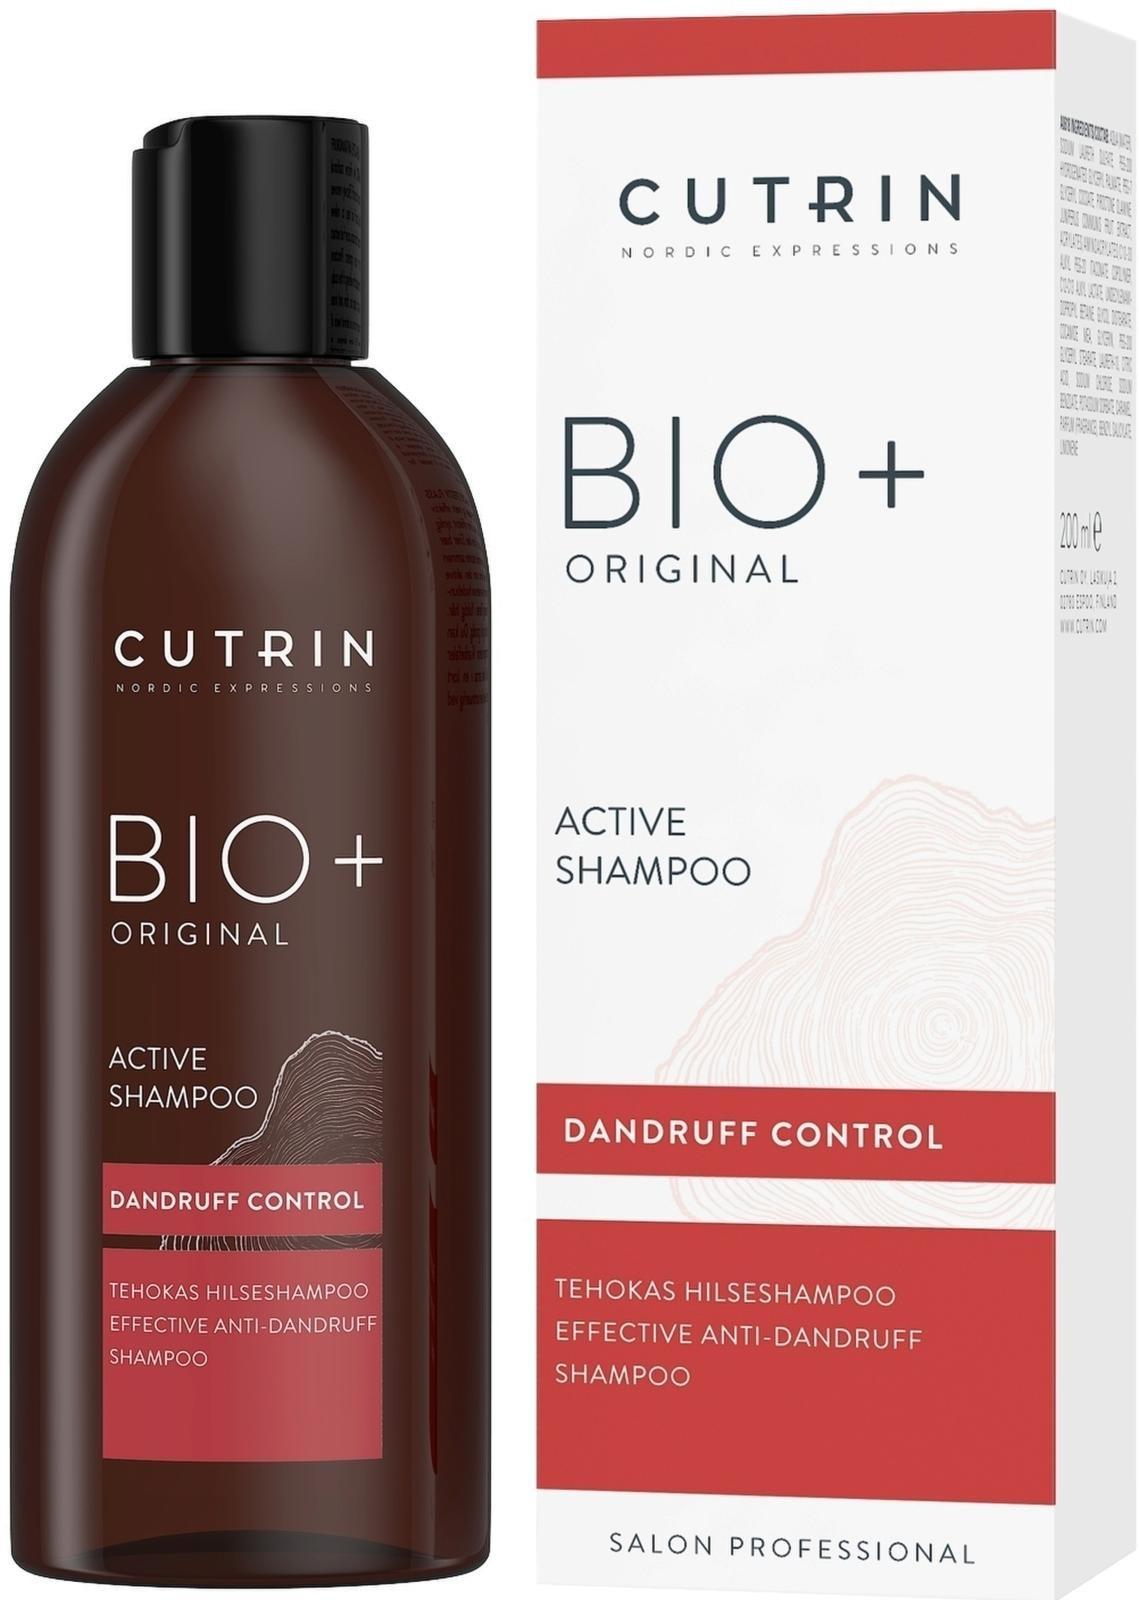 Järkeä shampoo-ostoksille - 7 kuplaa joista ei kannata maksaa